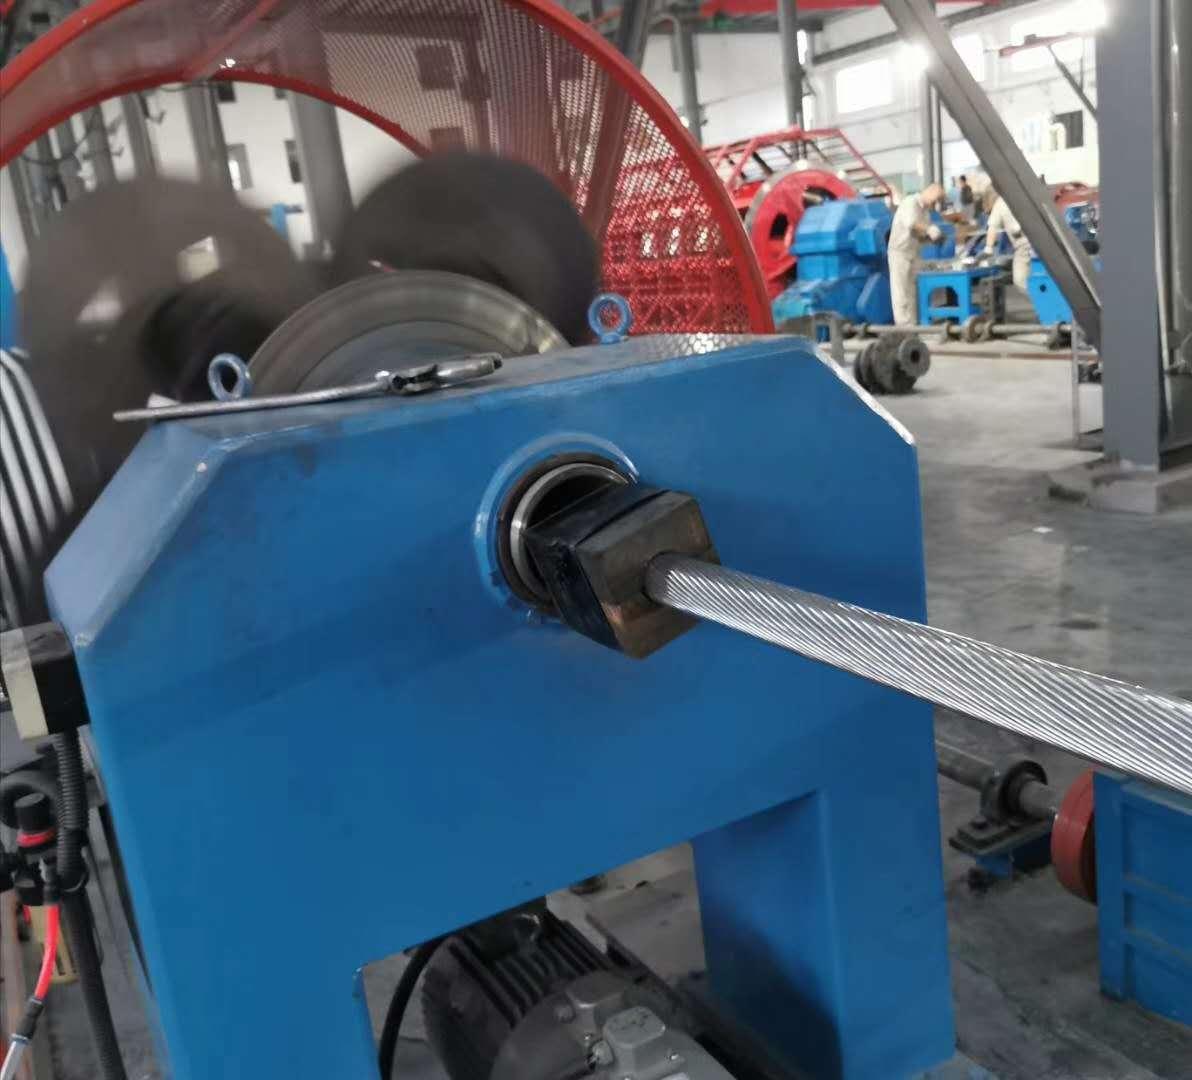 鋼芯鋁合金絞線新品批發JNRLH1X1/LB14-800/55鋁包鋼芯耐熱鋁合金導線電力